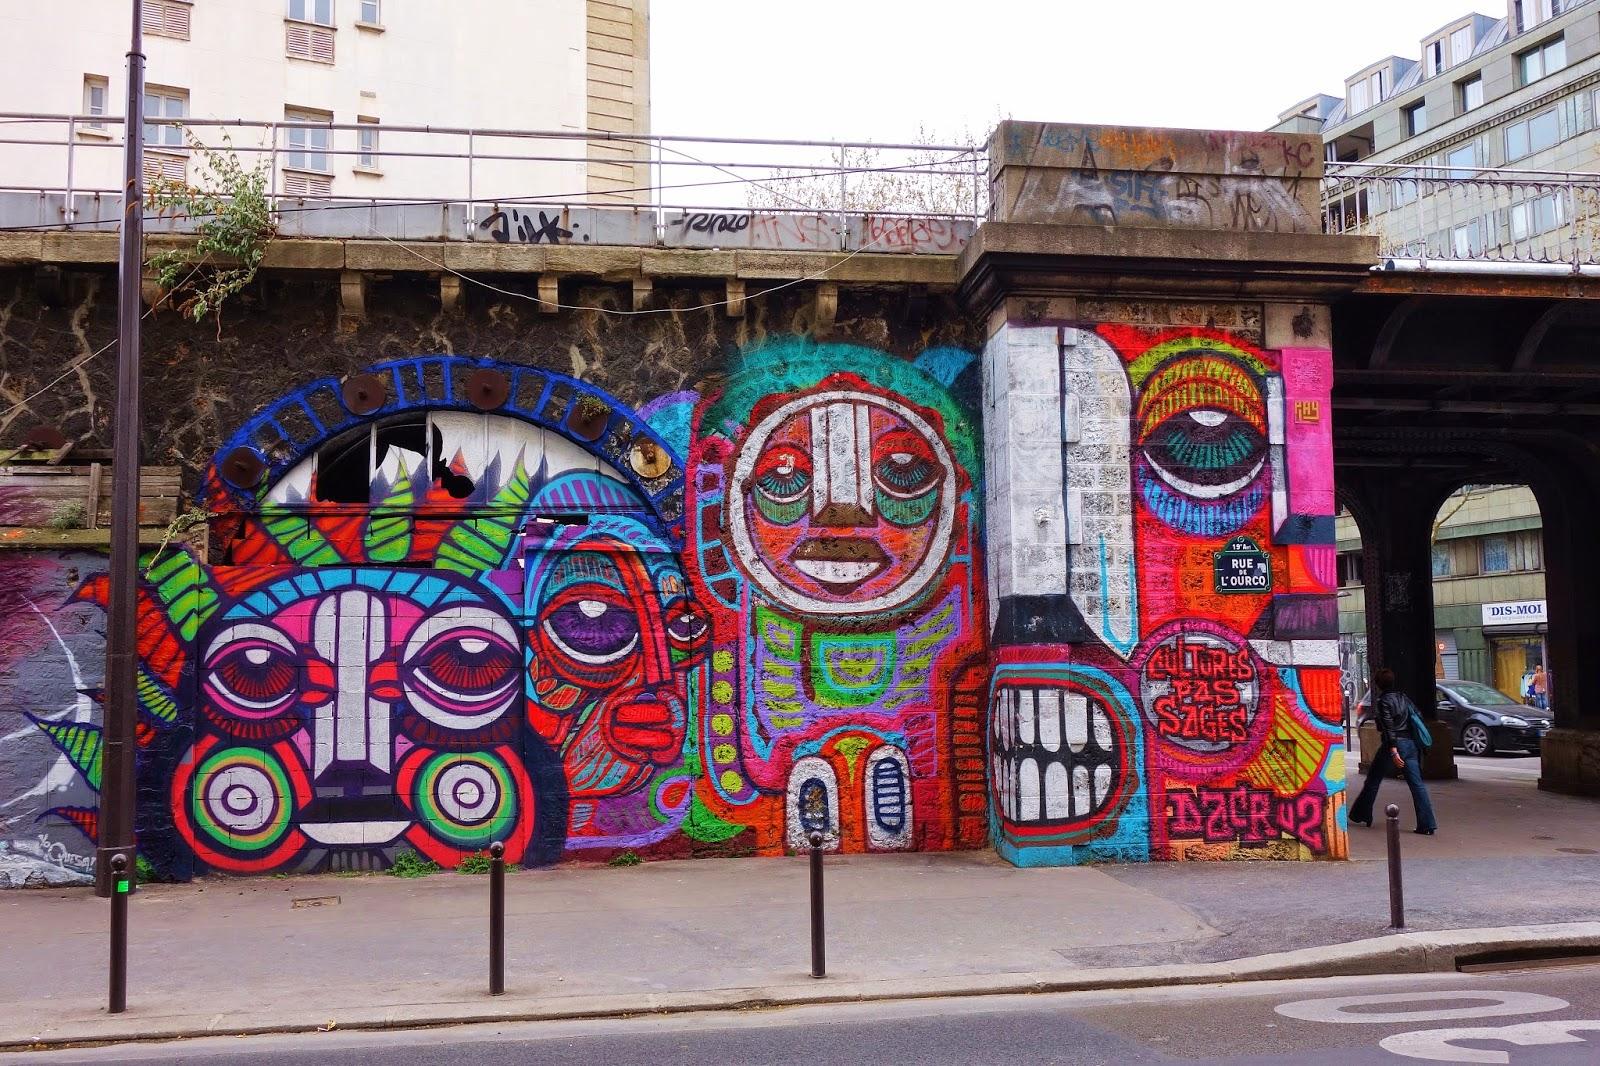 dacruz+rue+de+l'ourcq+paris+19-001.JPG